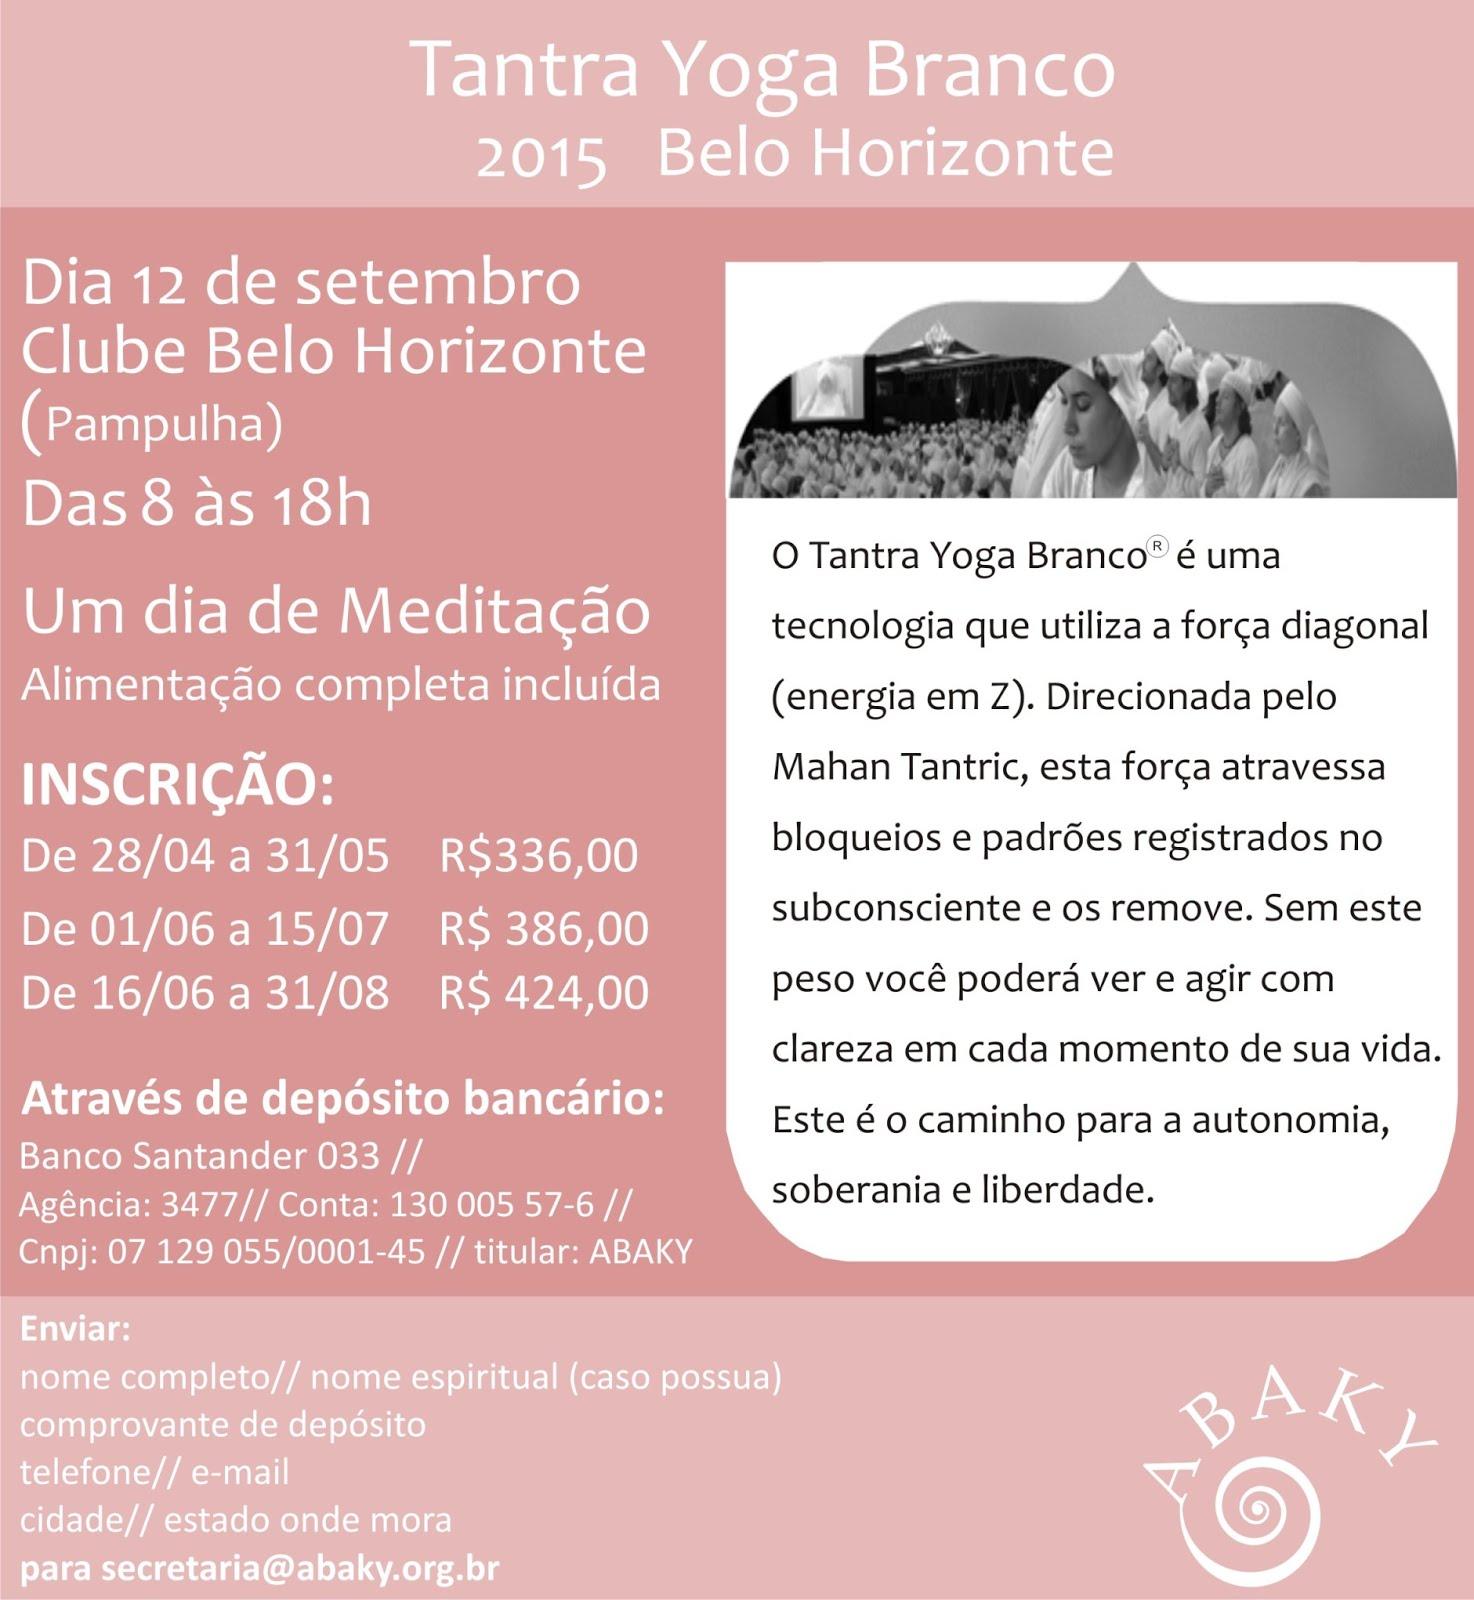 Tantra Yoga Branco 2015